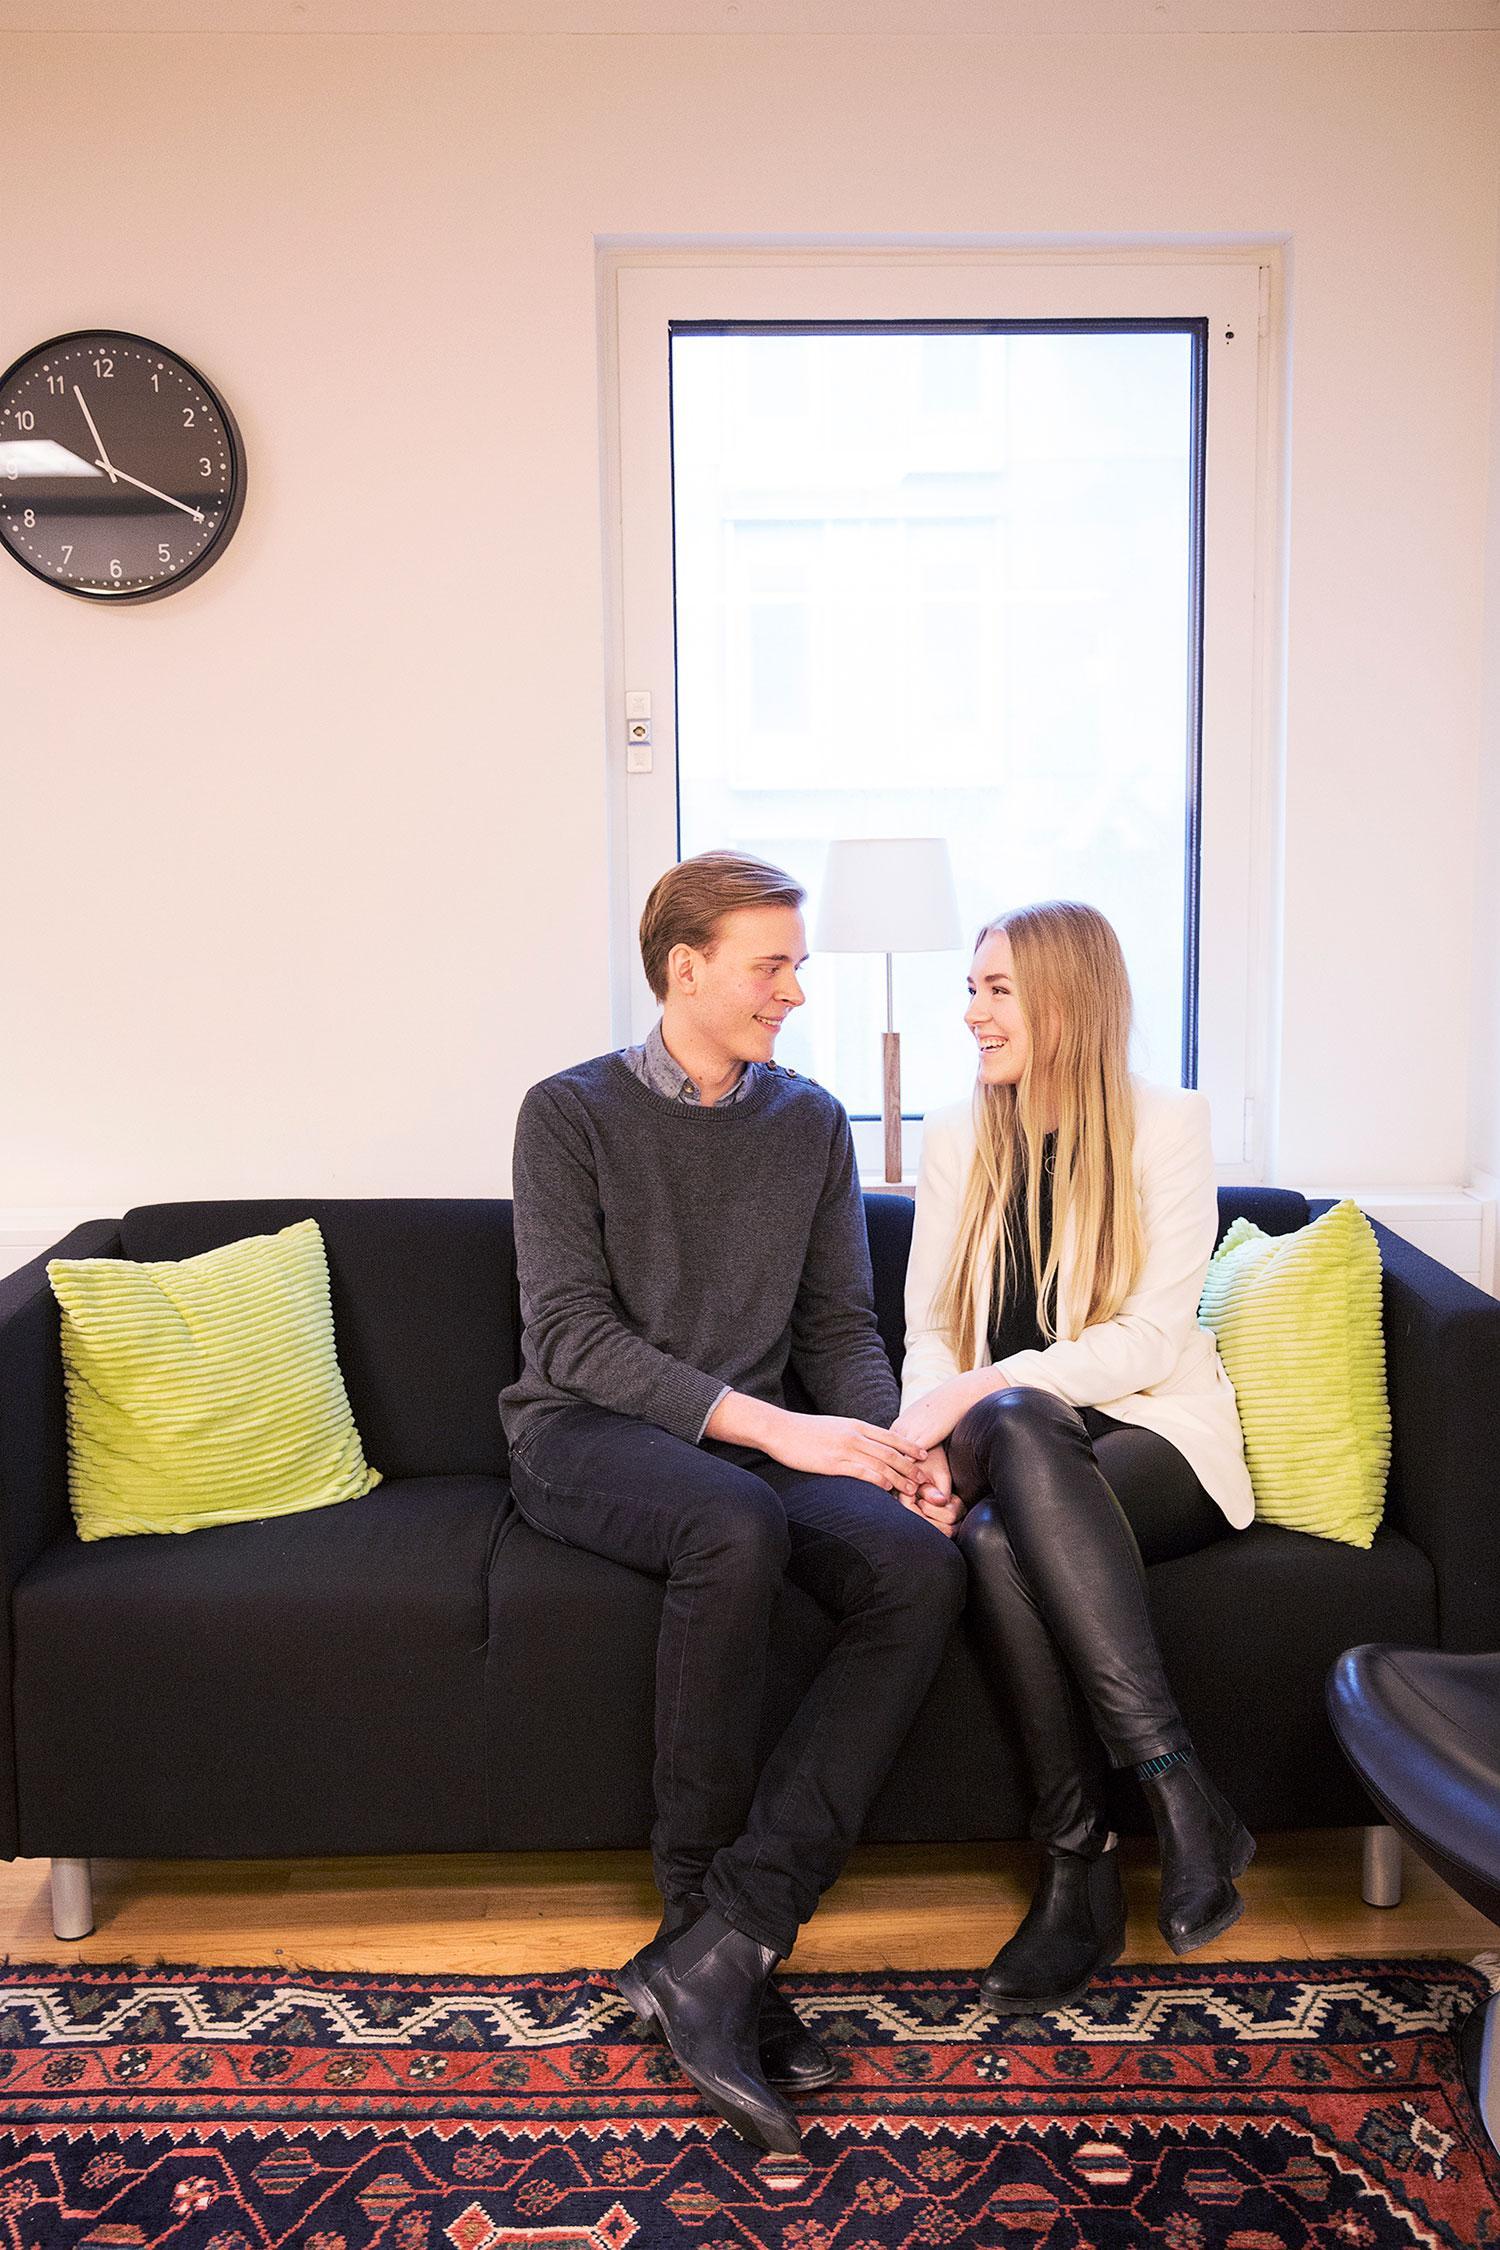 KOLLEGER - OCH KÄRA Filip och Linnea smög med sin kärlek till en början, men när relationen blev mer stabil gjorde de den offentlig.